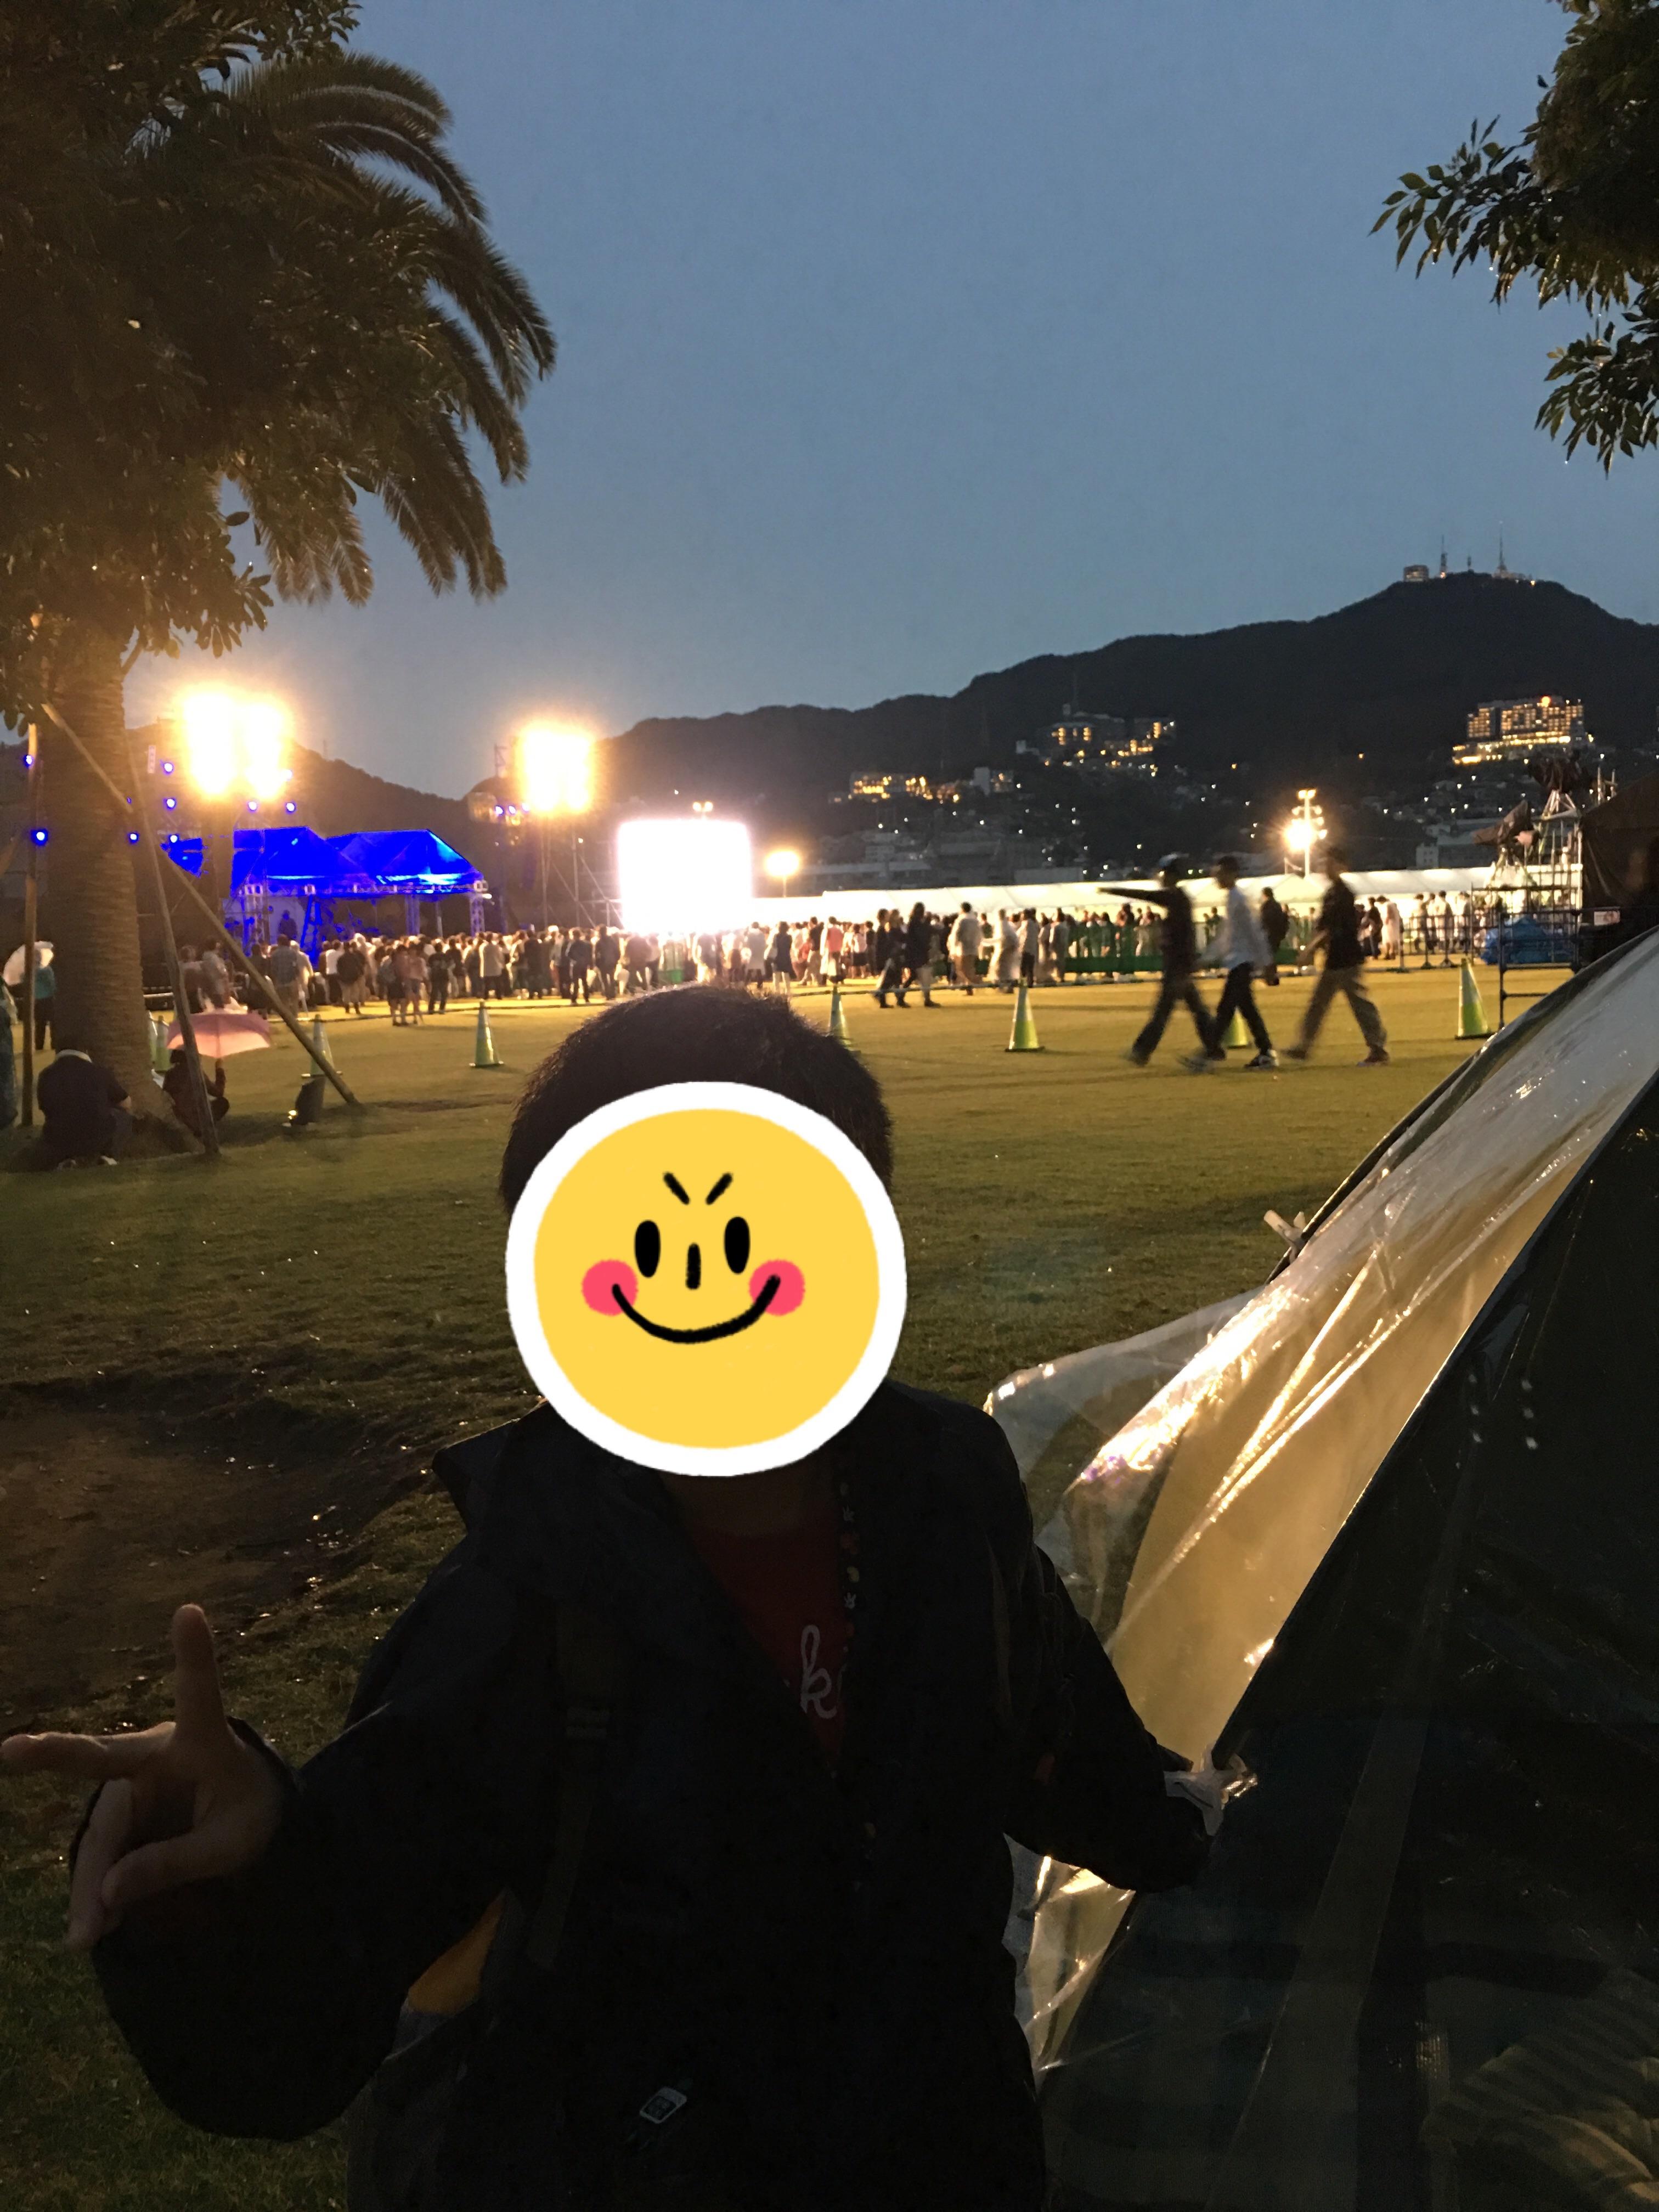 f:id:allergy_nagasakikko:20171014183350j:image